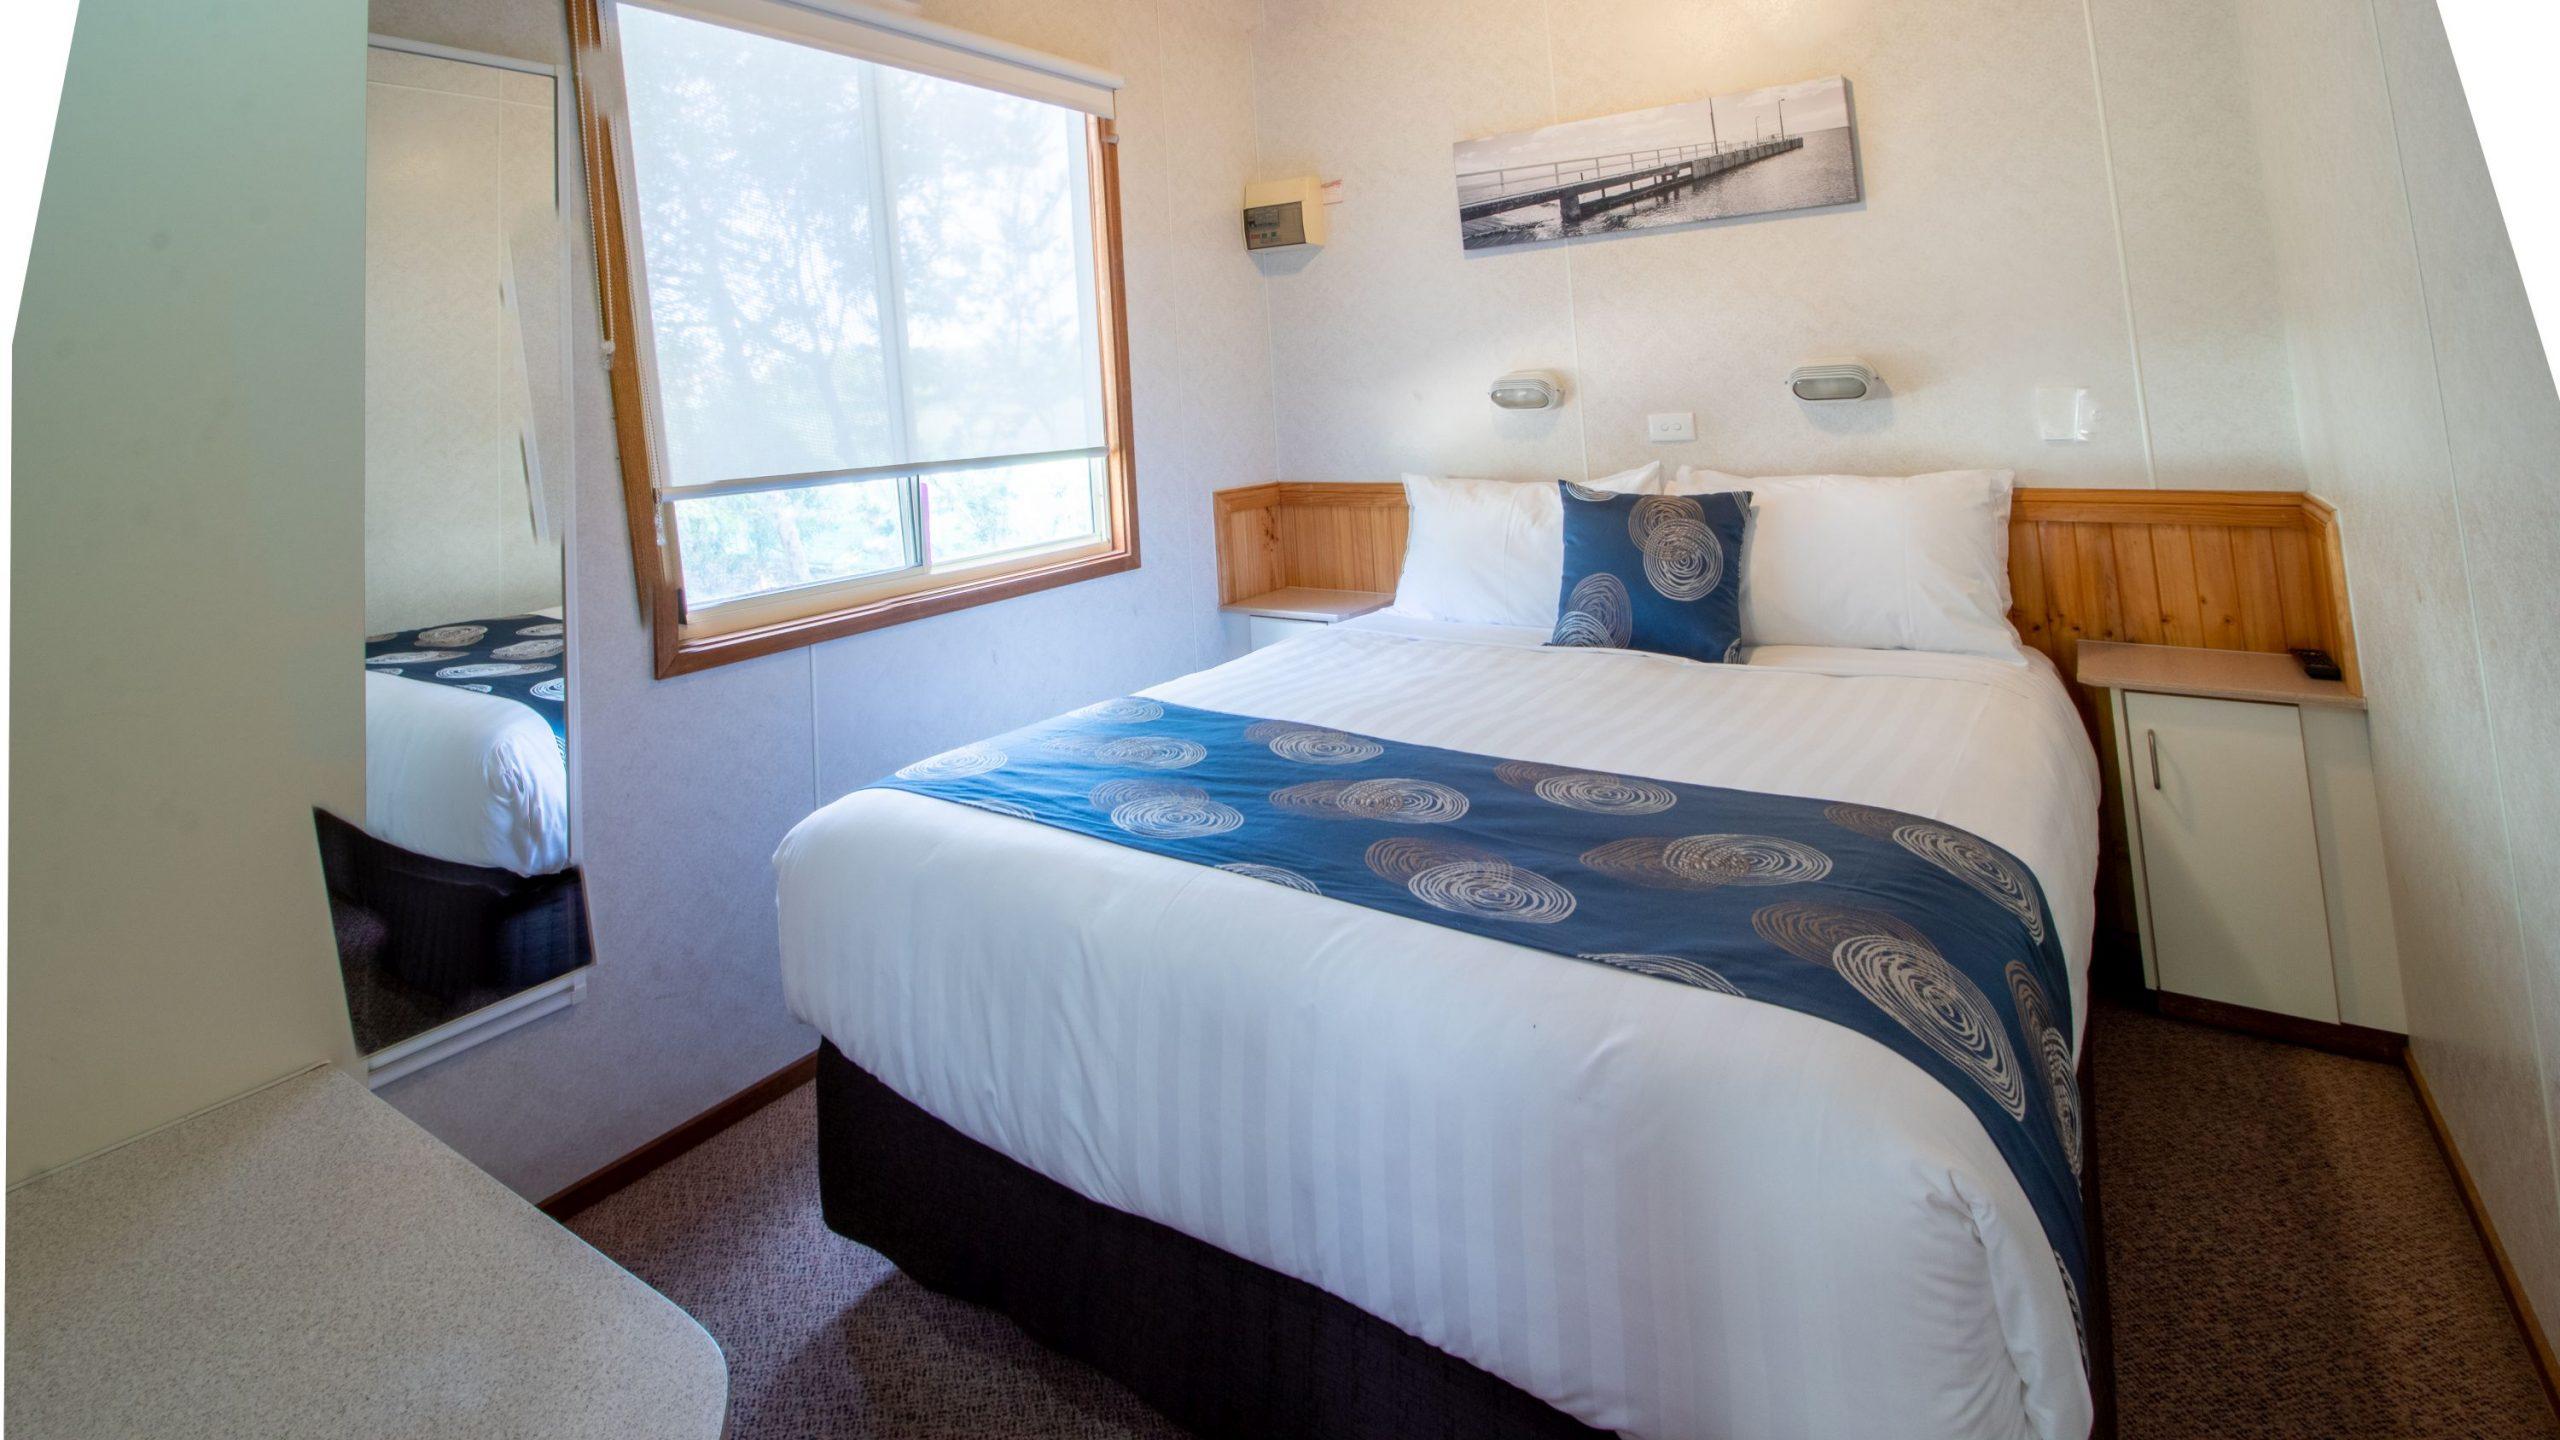 Deluxe Cabin master bedroom